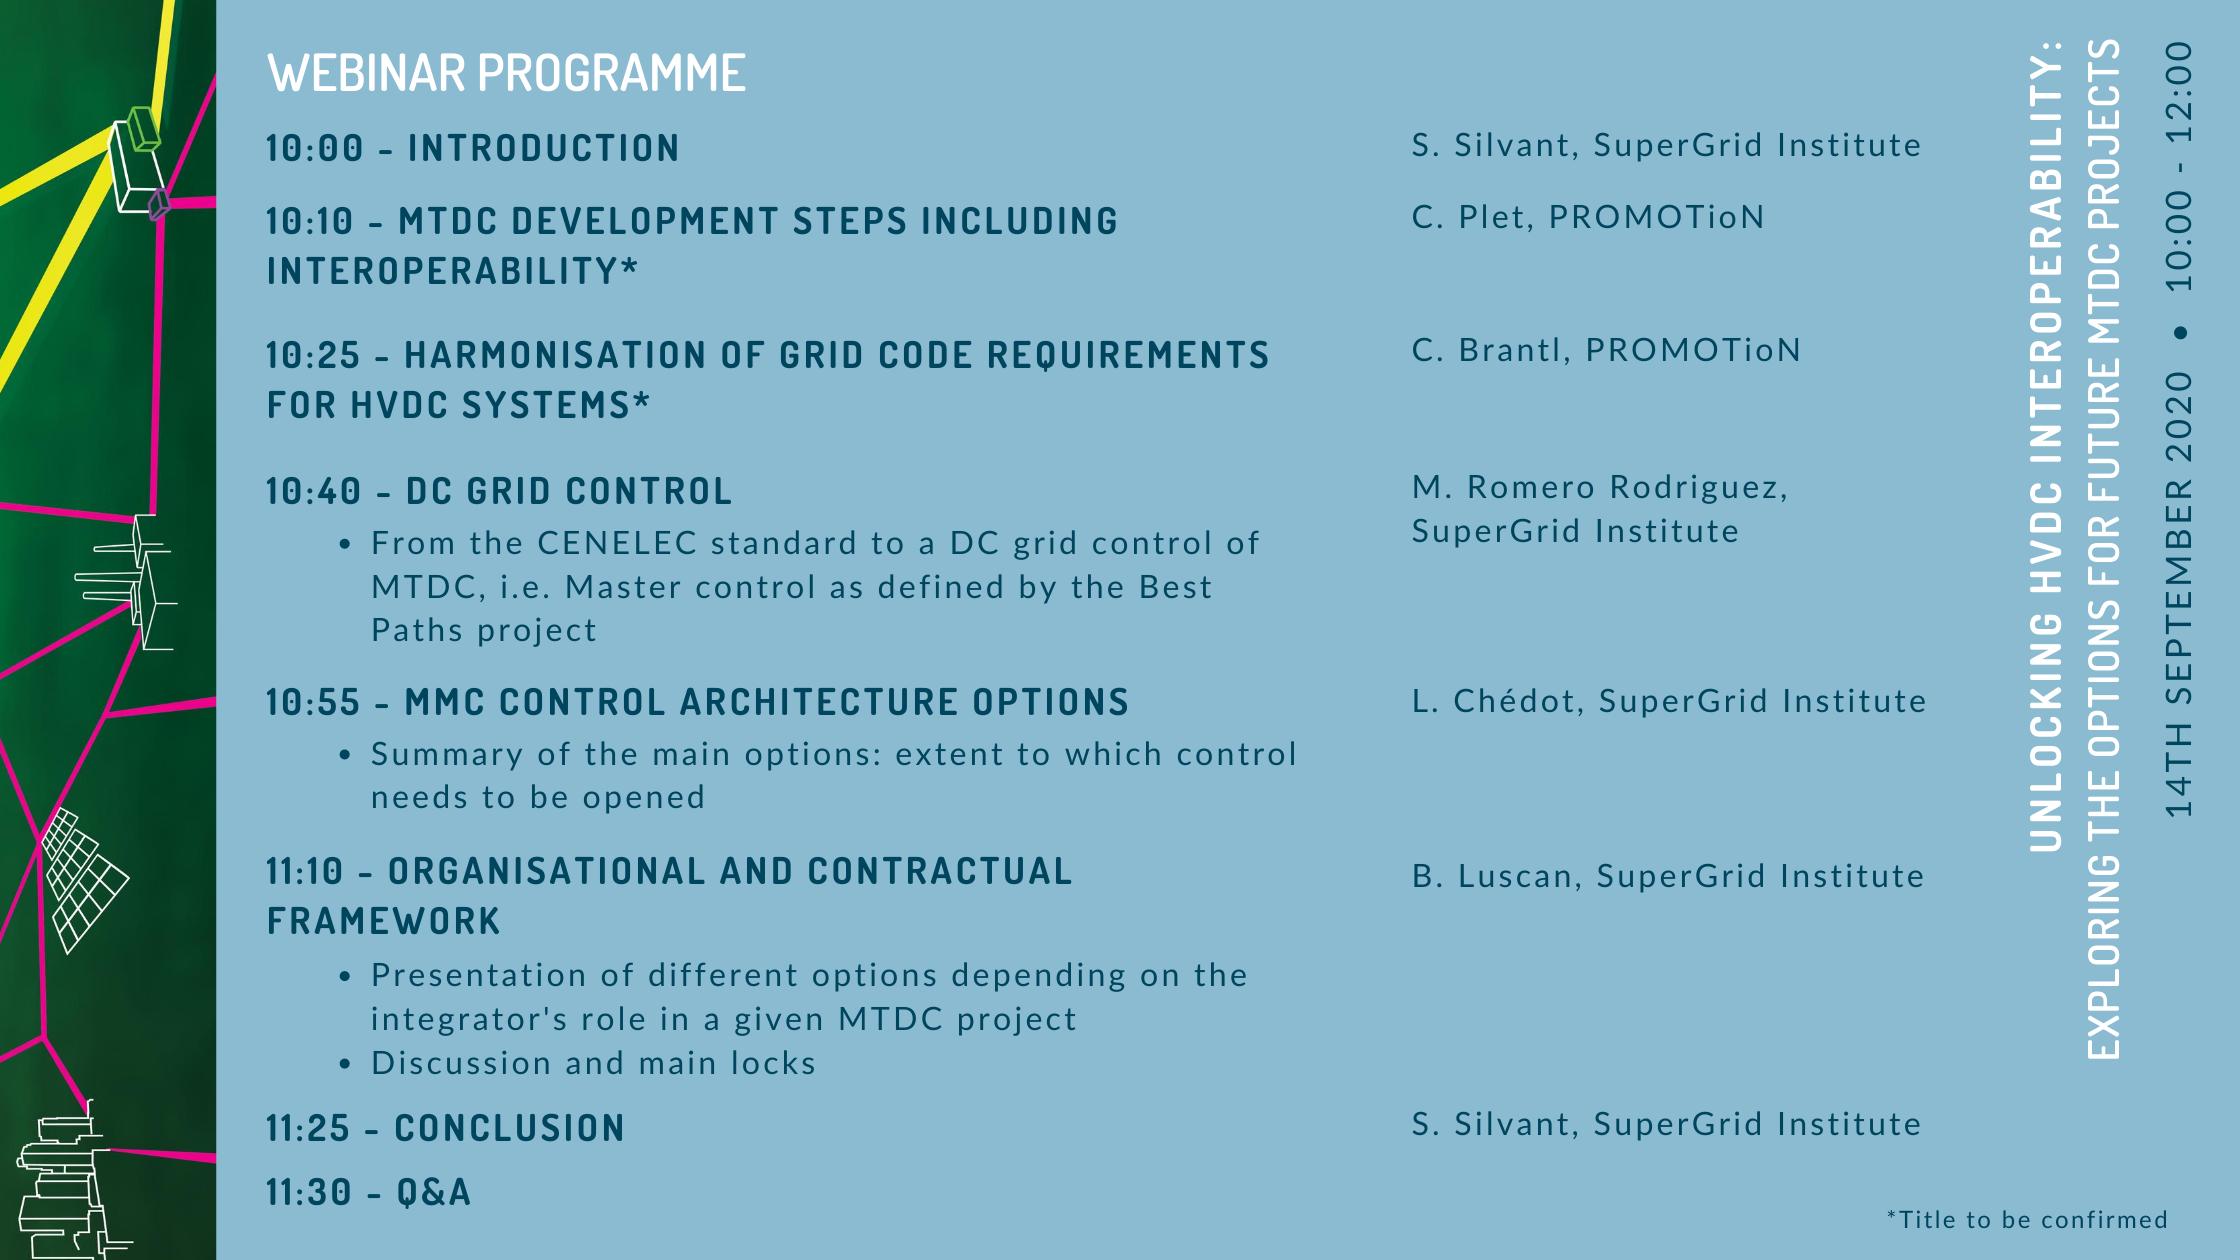 Interoperability webinar programme